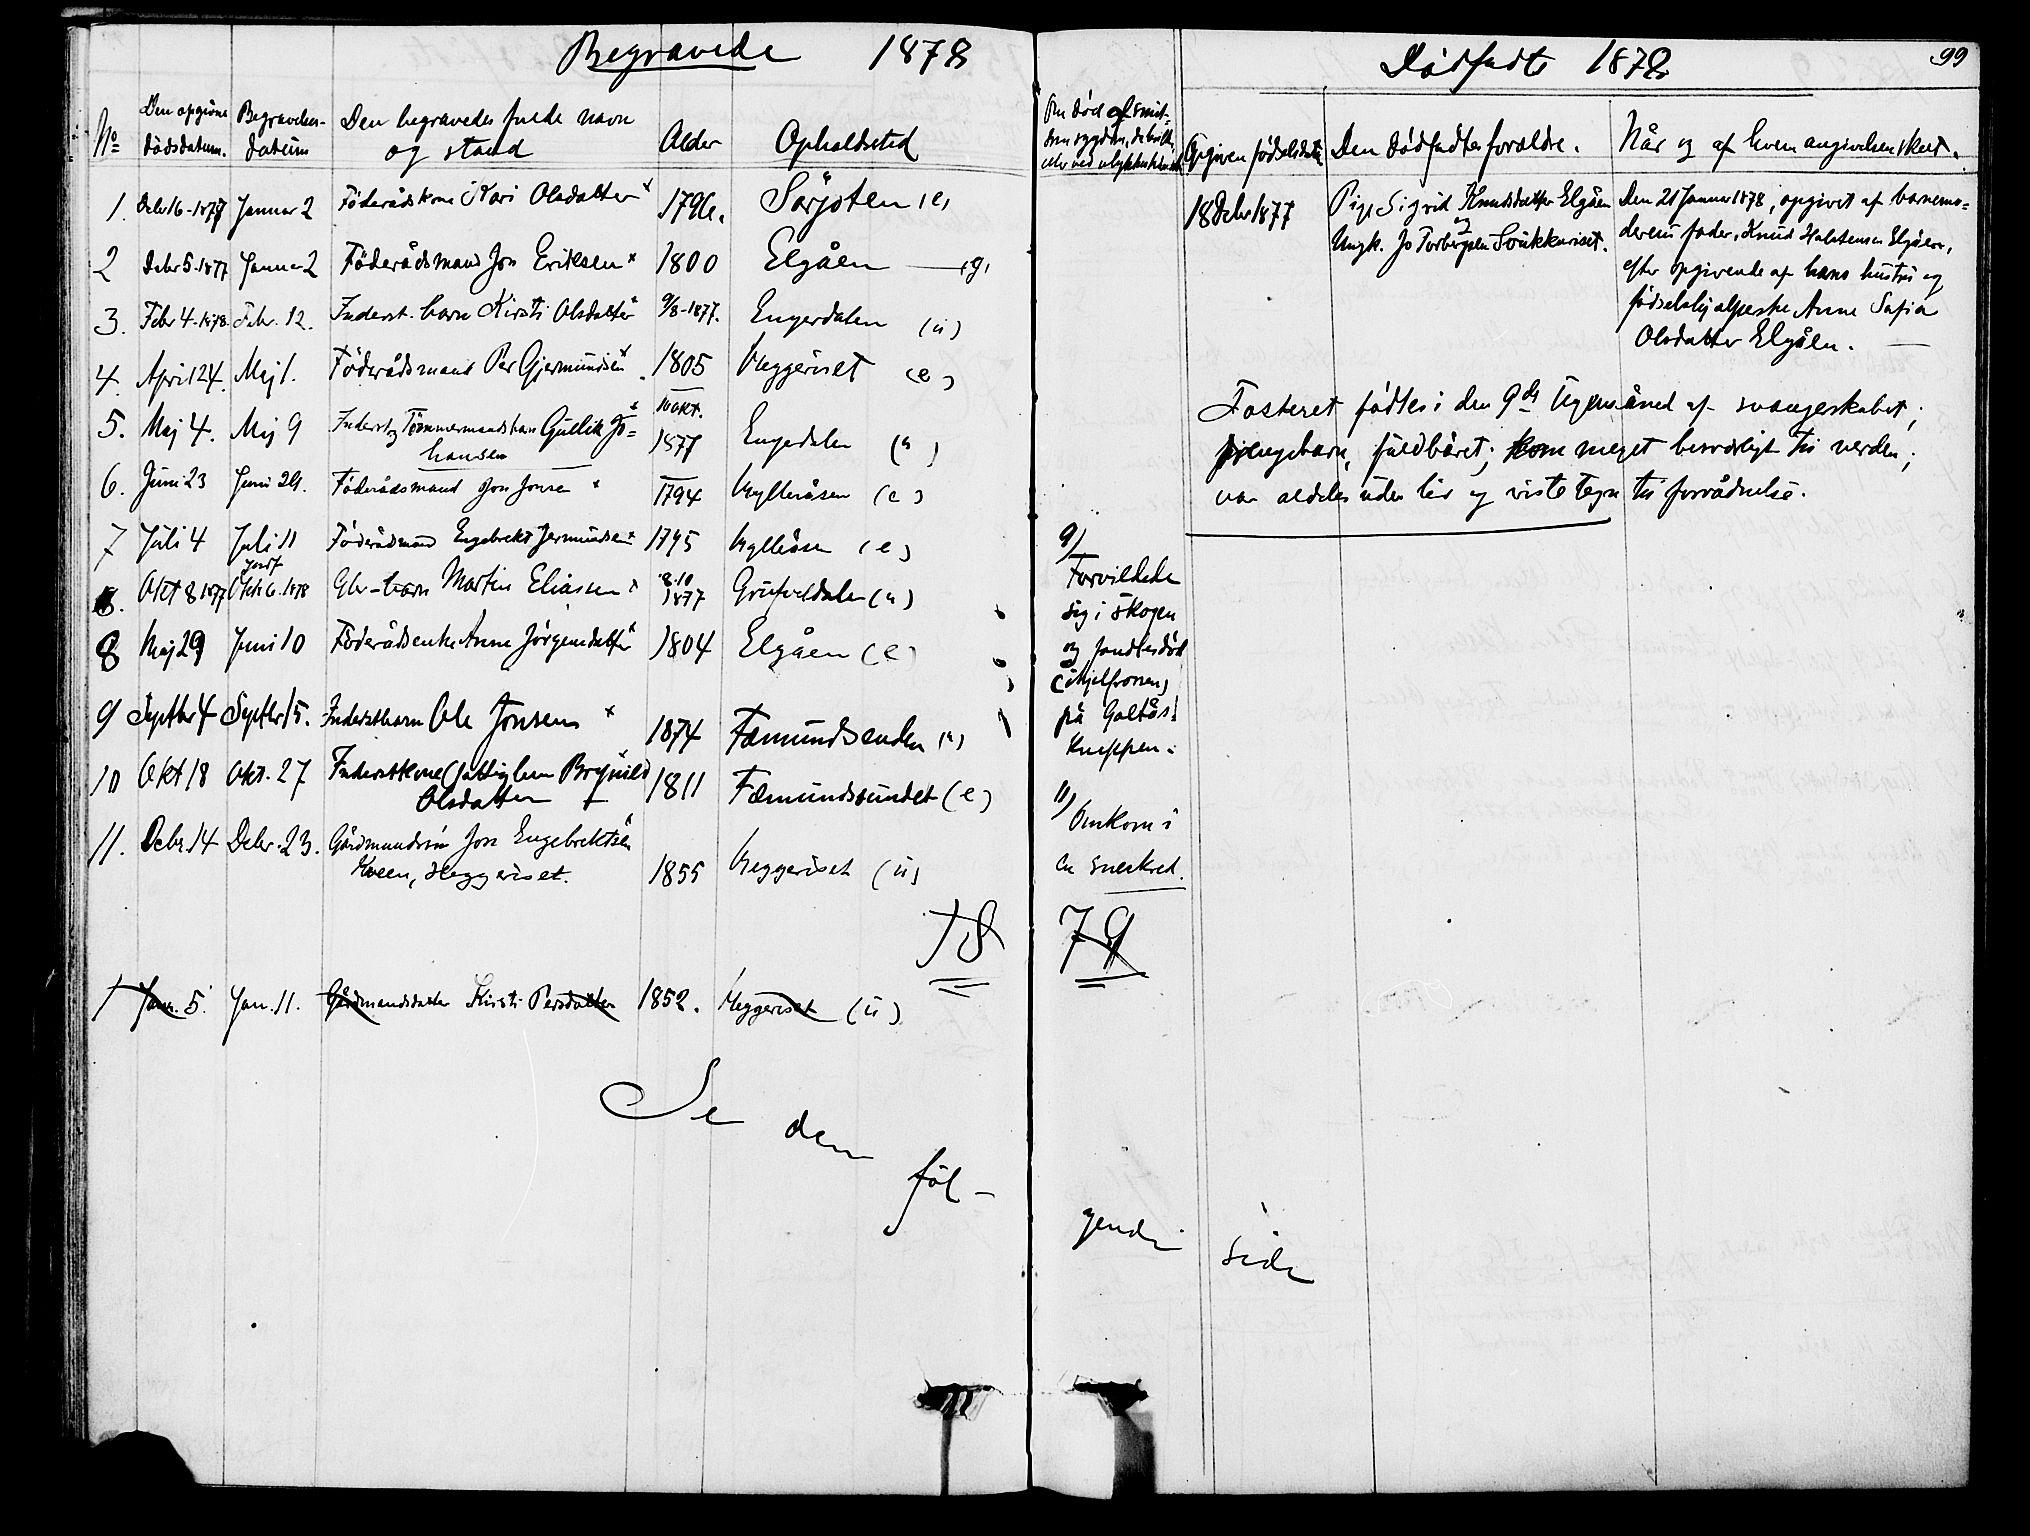 SAH, Rendalen prestekontor, H/Ha/Hab/L0002: Klokkerbok nr. 2, 1858-1880, s. 99